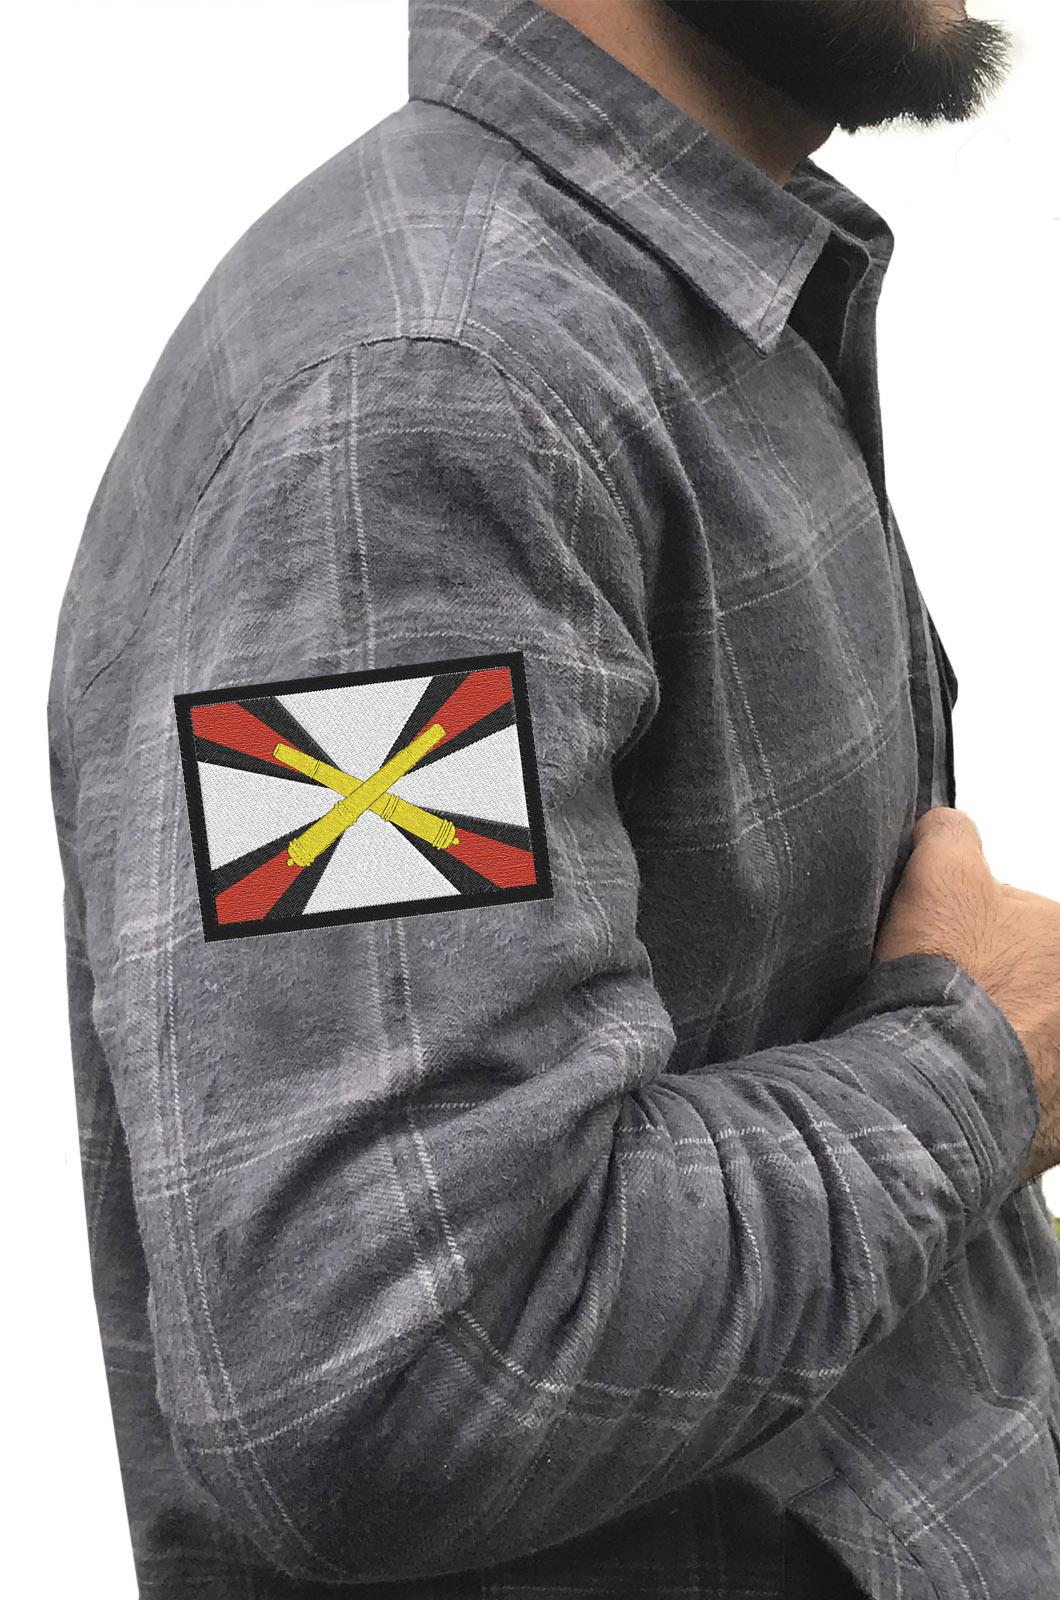 Серая рубашка с вышитым шевроном  Артиллерия России - заказать в розницу